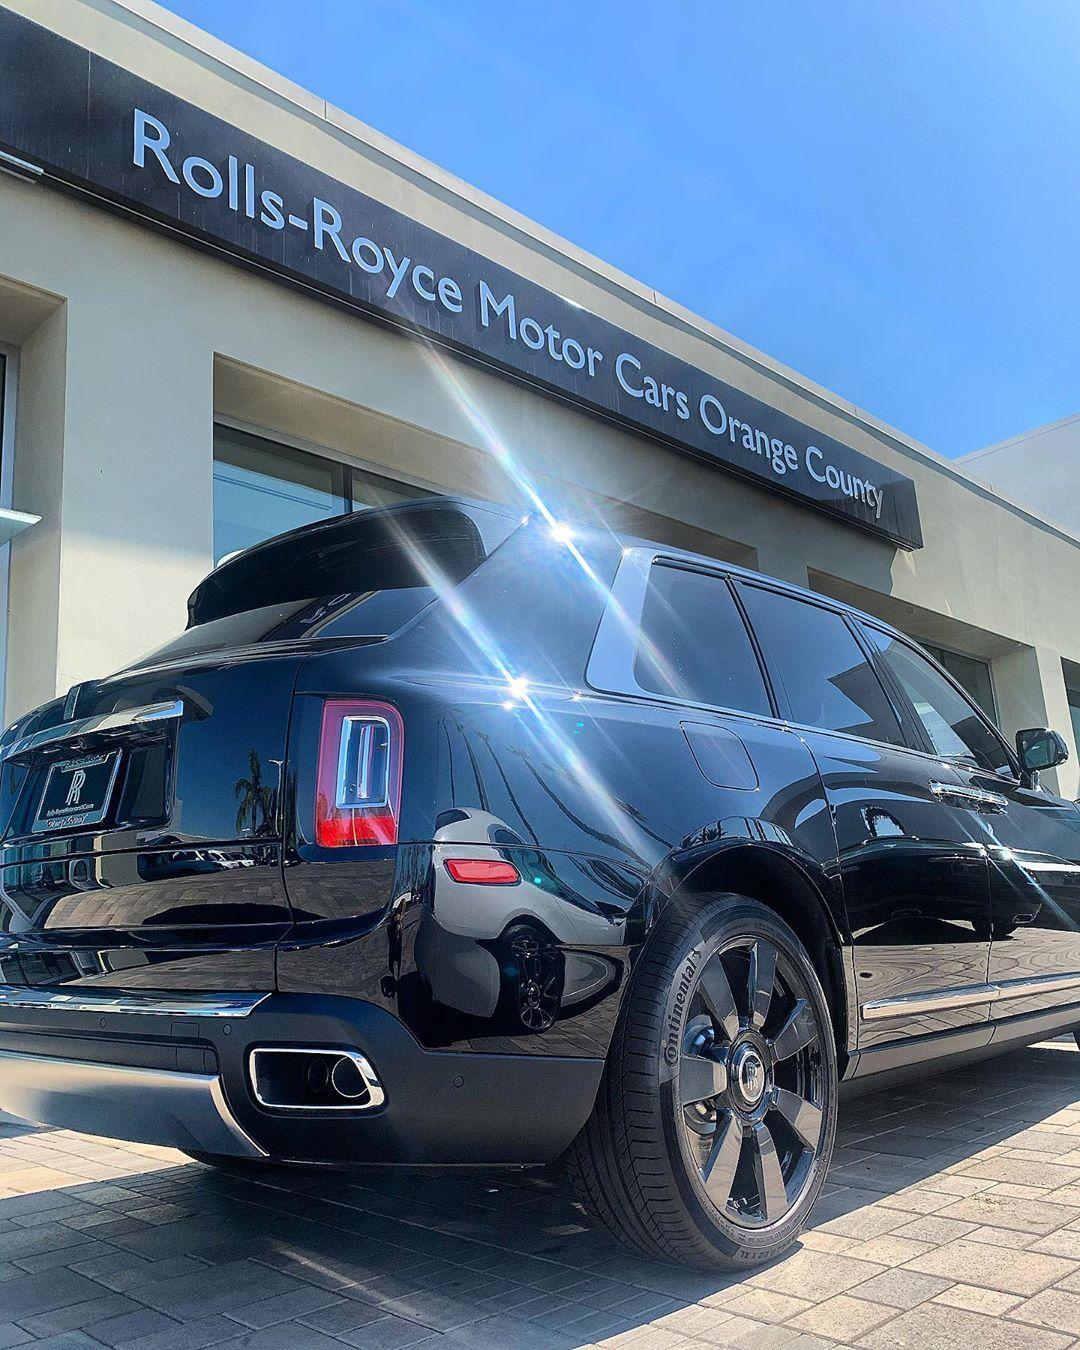 Rolls Royce, Luxury Cars Rolls Royce, Luxury